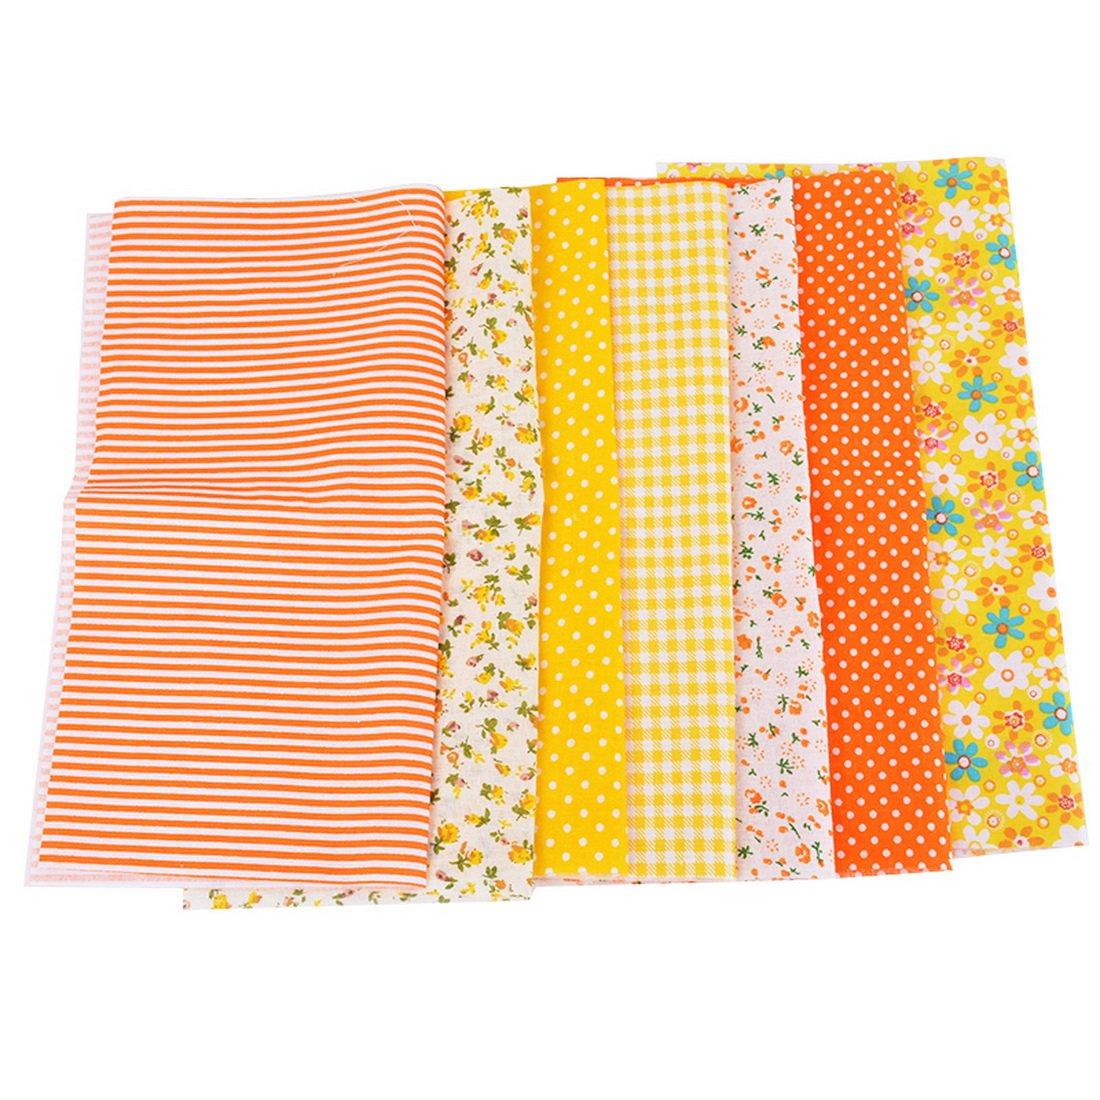 7pcs Tissu Carré Textile Artisanat Bundle Patchwork Coupon Écologique Bricolage Couture DIY Quilting Scrapbooking Petites Fleurs Serie Orange Jaune Cysincos